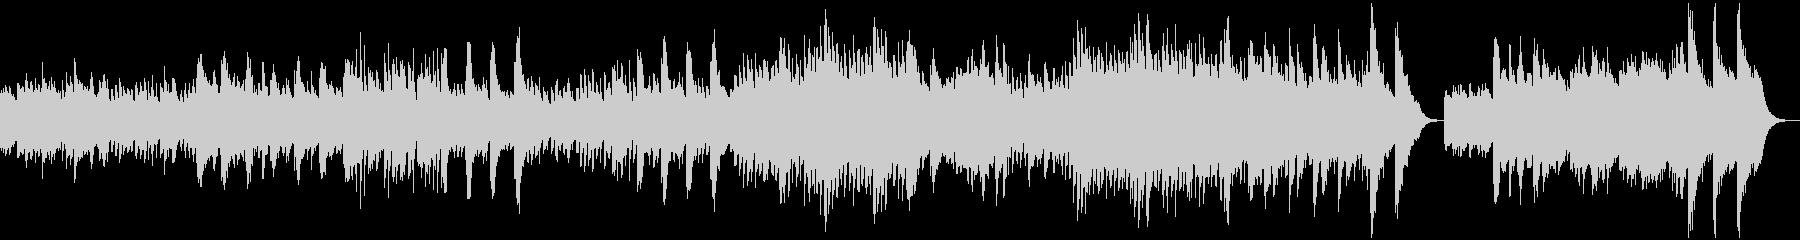 クラシカルな雰囲気のピアノ曲の未再生の波形